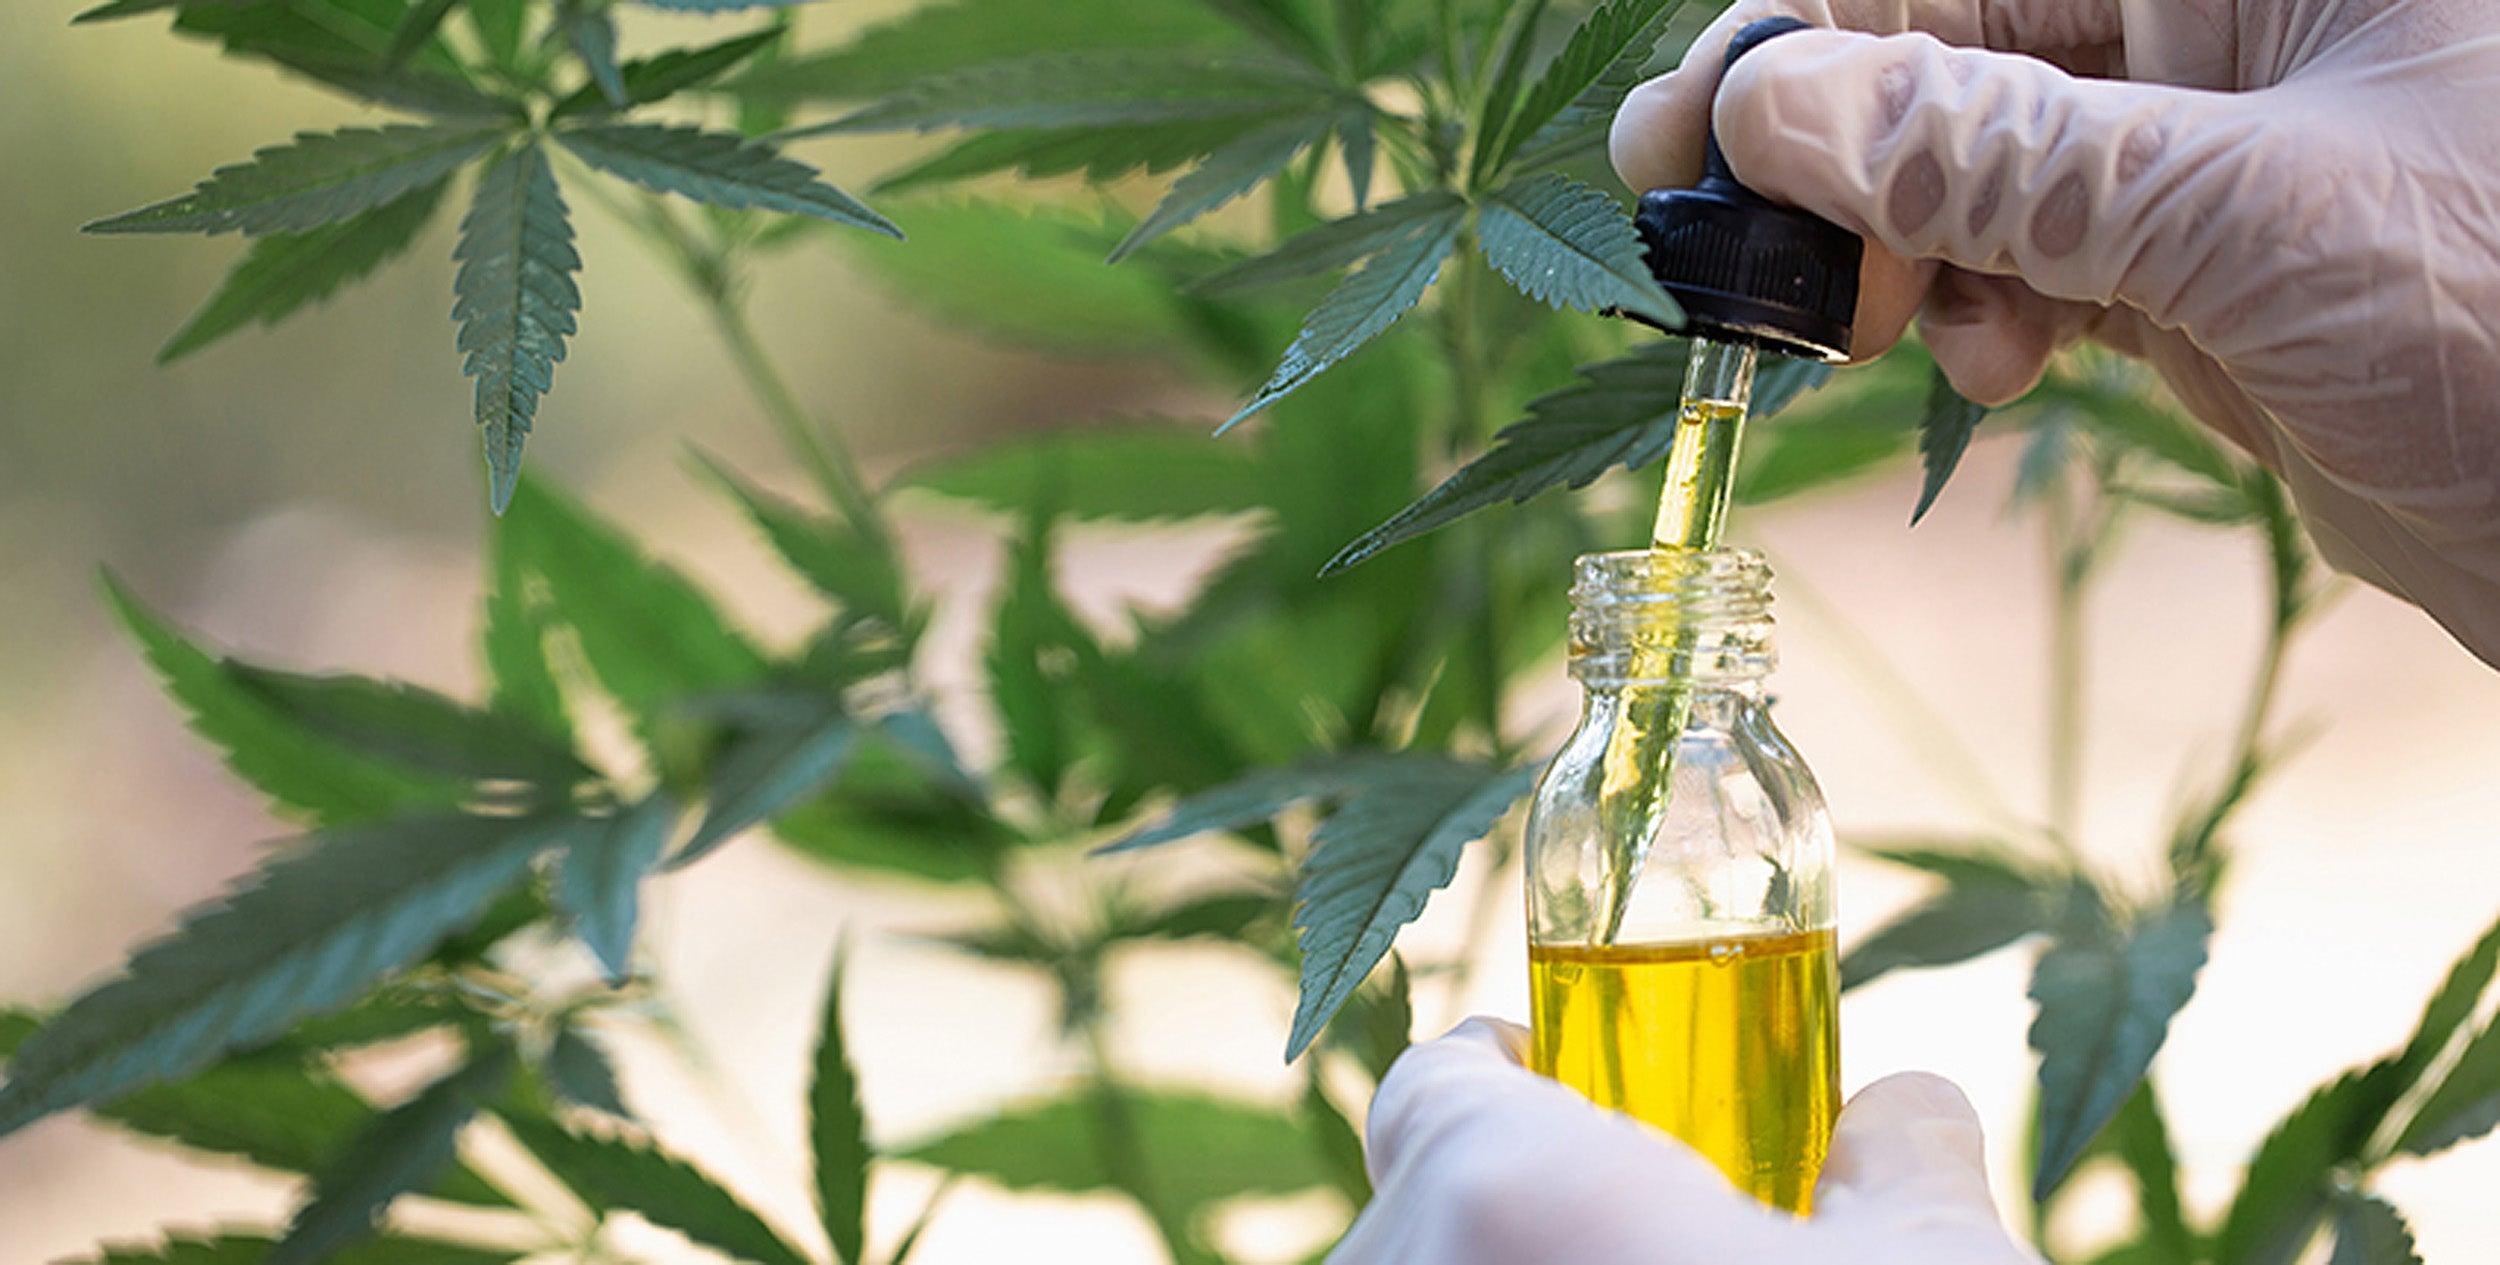 cannabis-85012500.jpg?w=1200&h=800&crop=